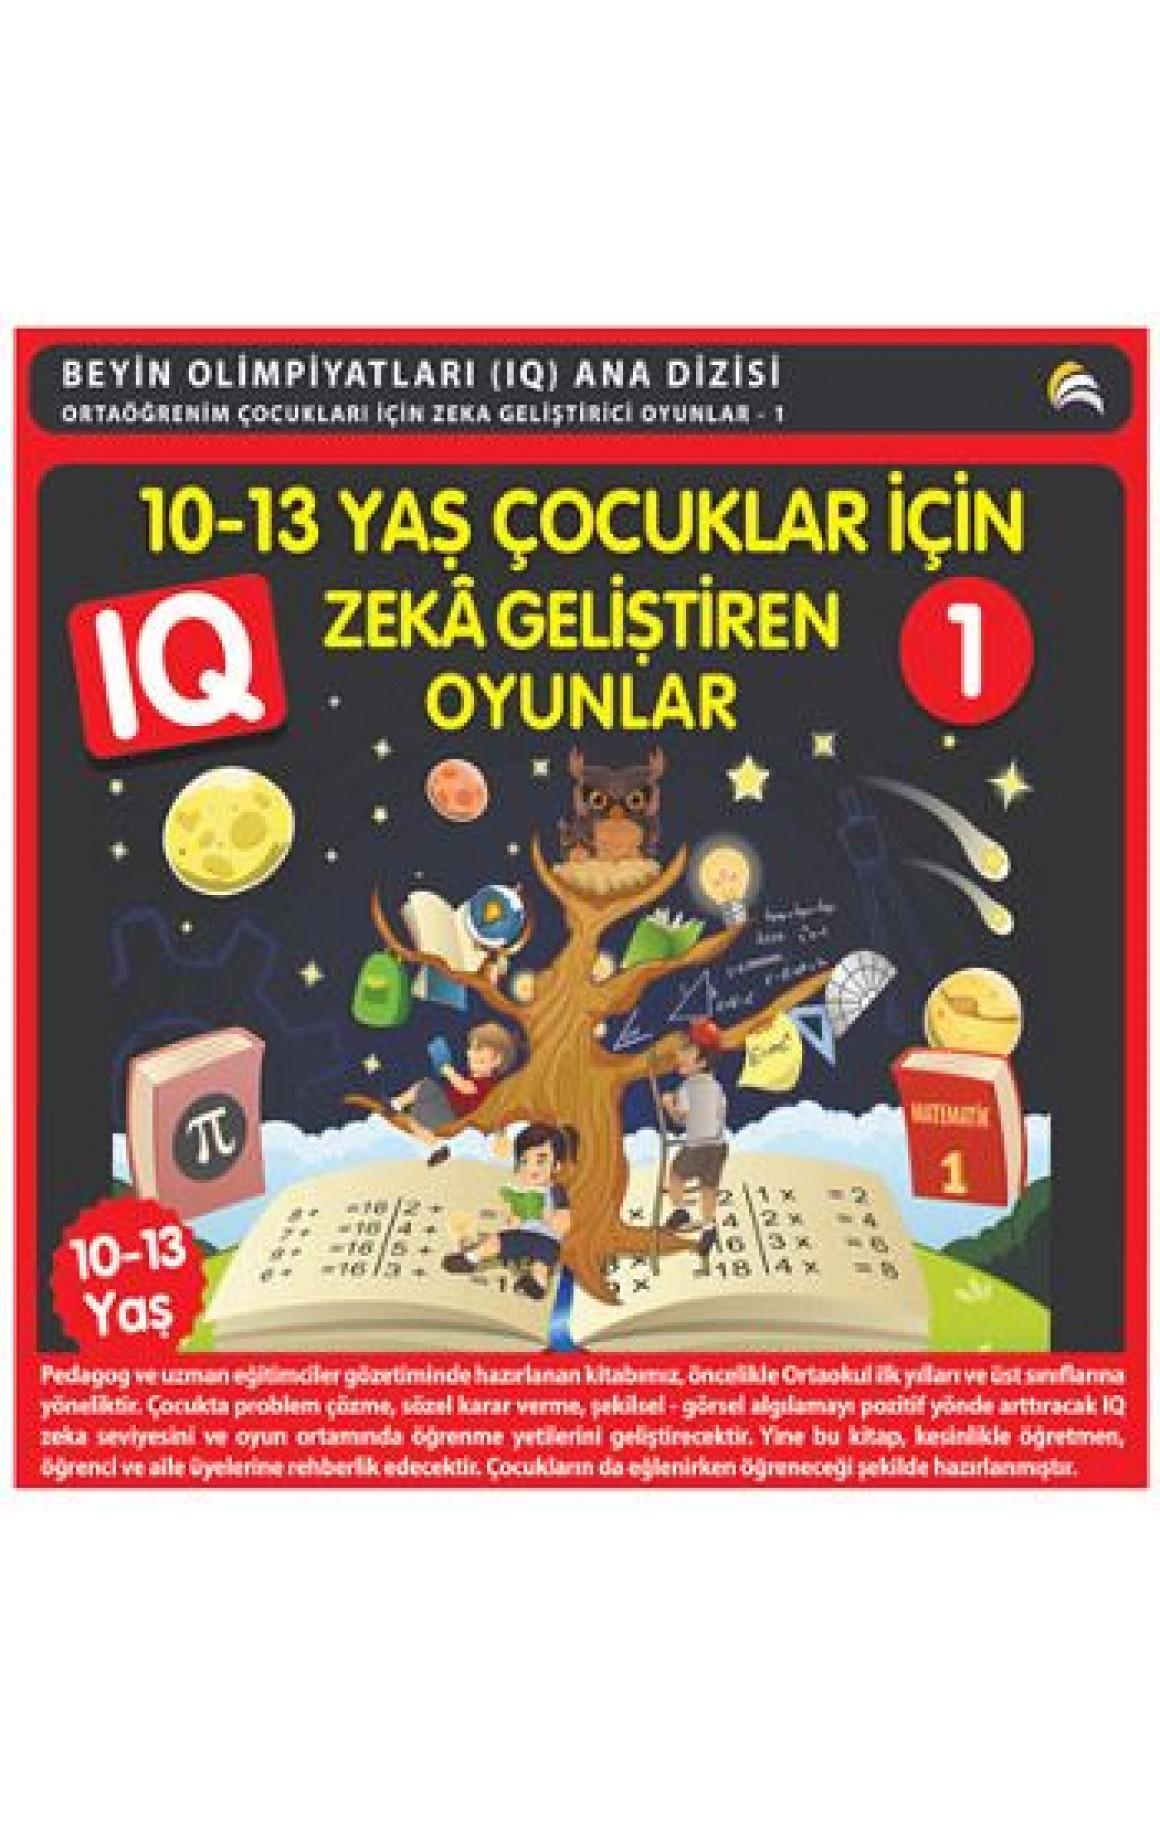 10-13 Yaş Çocuklar İçin Zeka Geliştiren Oyunlar 1